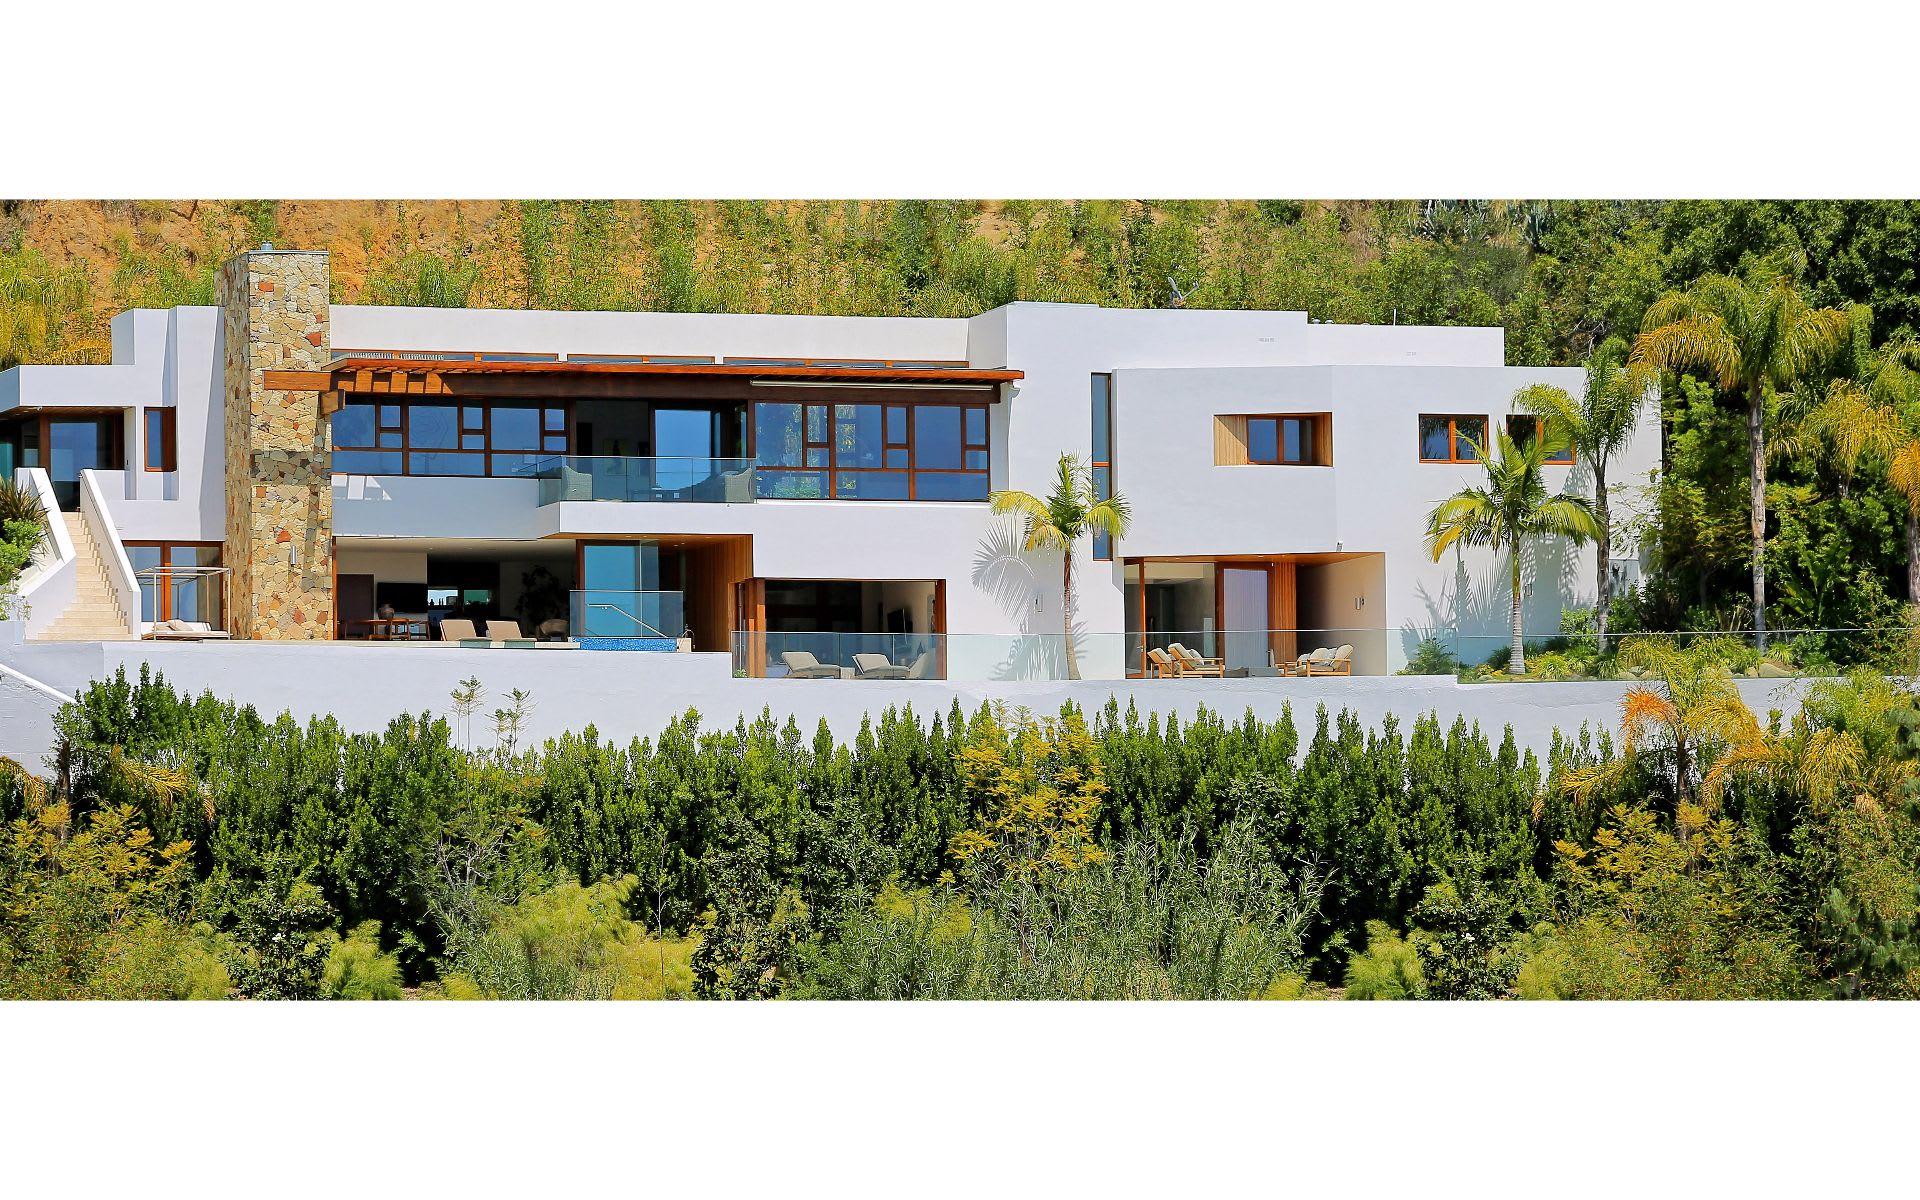 Μονοκατοικία για την Πώληση στο 1551 Viewsite Dr 1551 Viewsite Dr Los Angeles, Καλιφορνια,90069 Ηνωμενεσ Πολιτειεσ